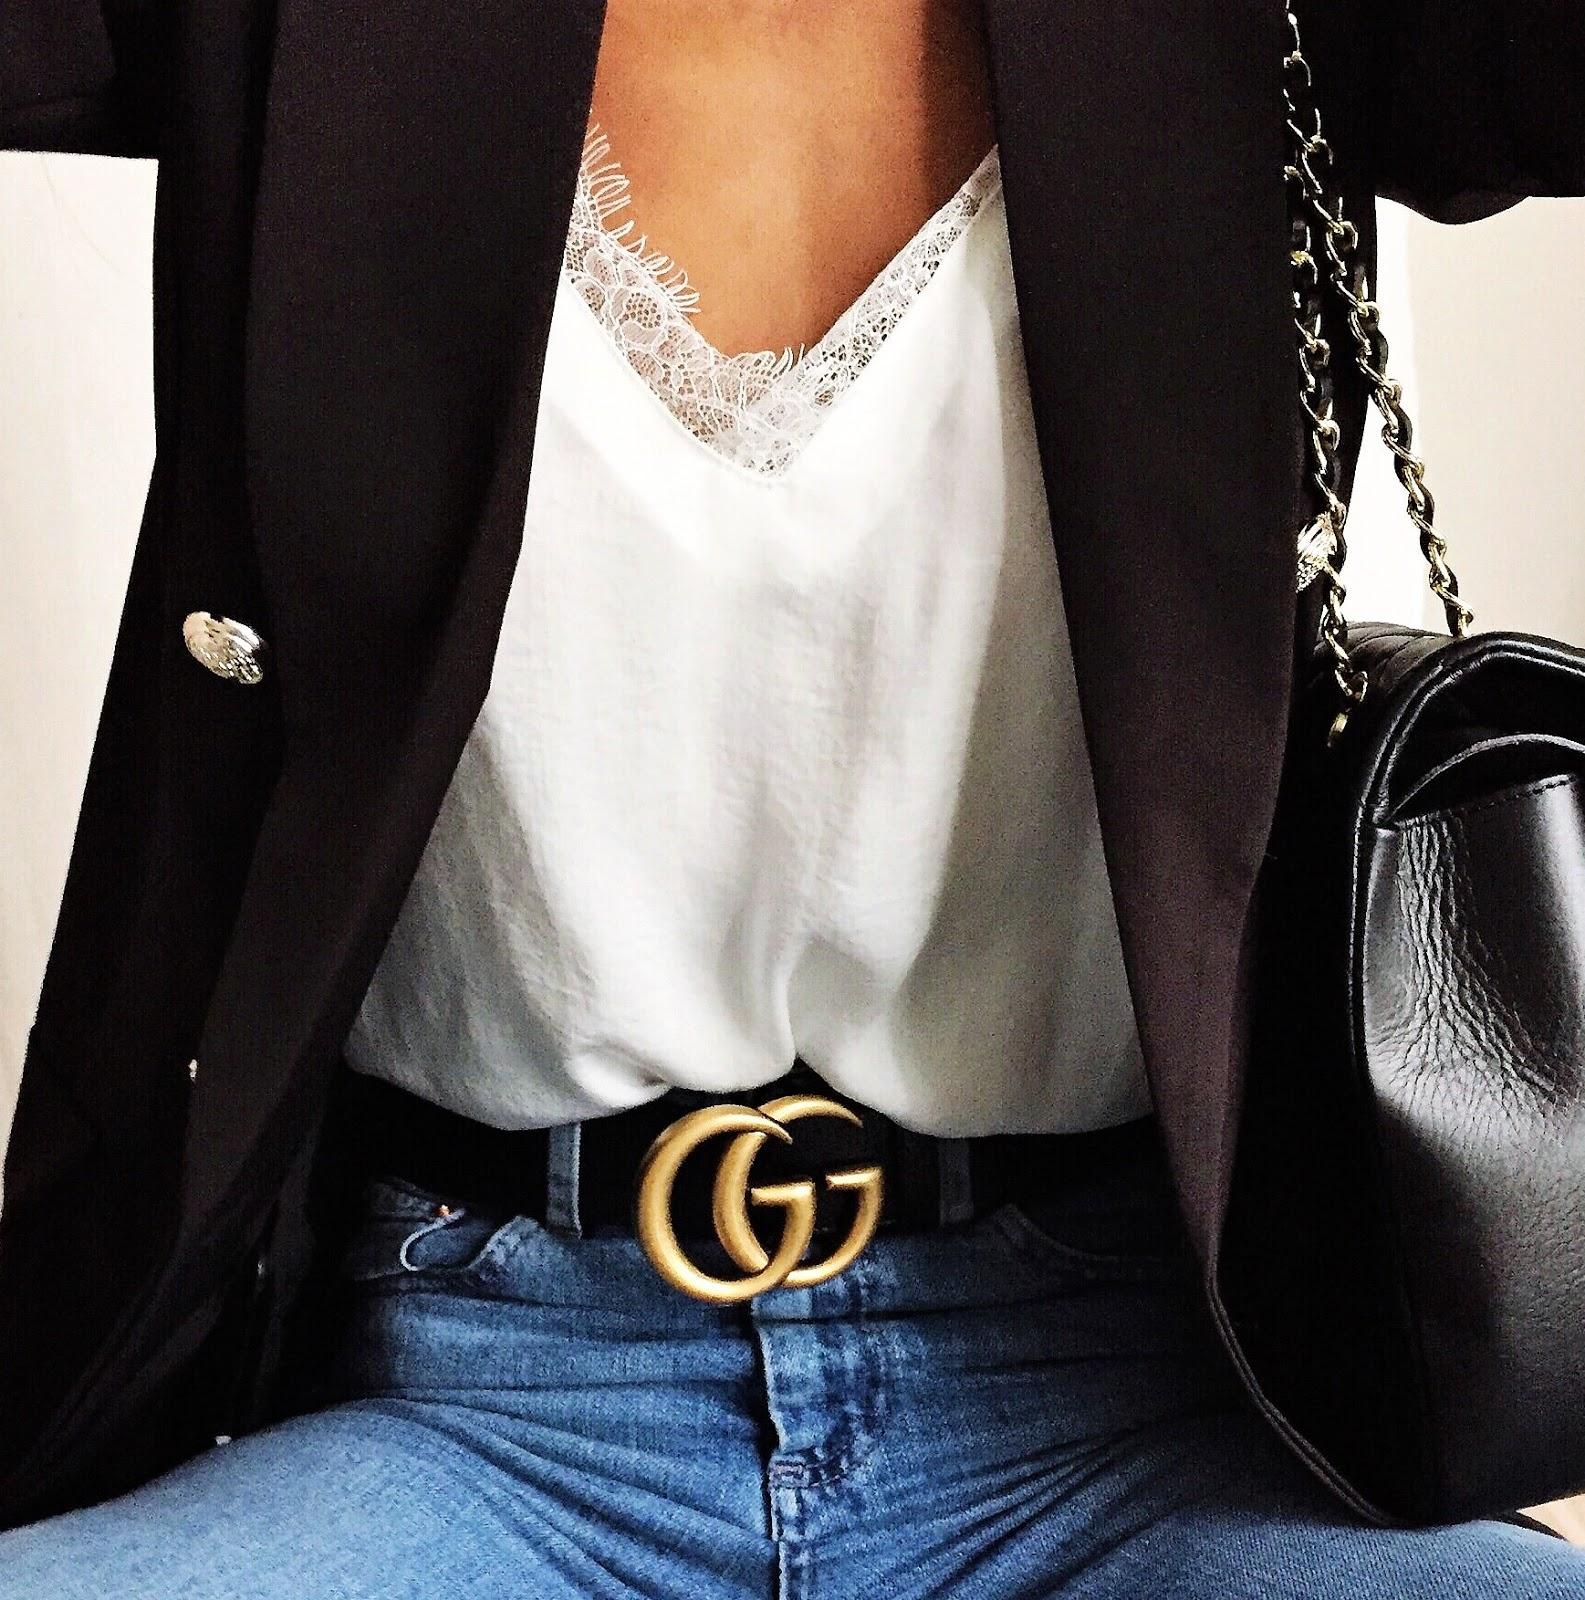 Pour celles qui se demandent si le cuir texturé + le bout de la ceinture  pointu ne sont pas des caractéristiques propres aux ceintures d hommes chez  Gucci ... fb7bc65465f